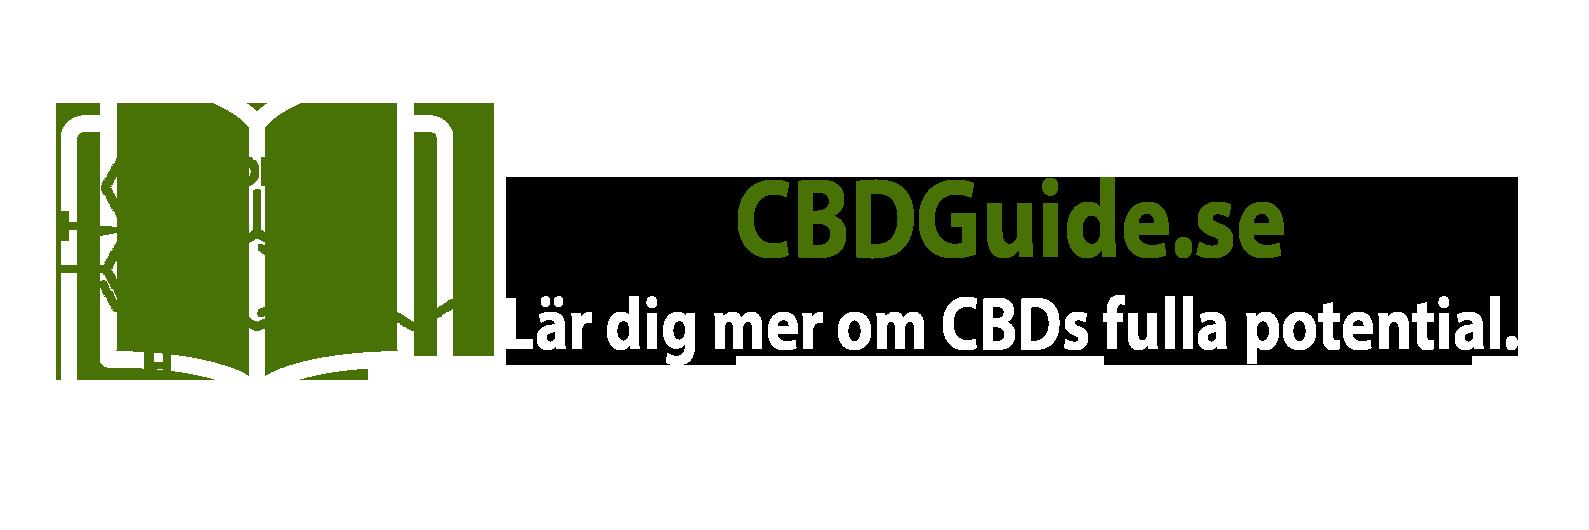 Din guide till CBD